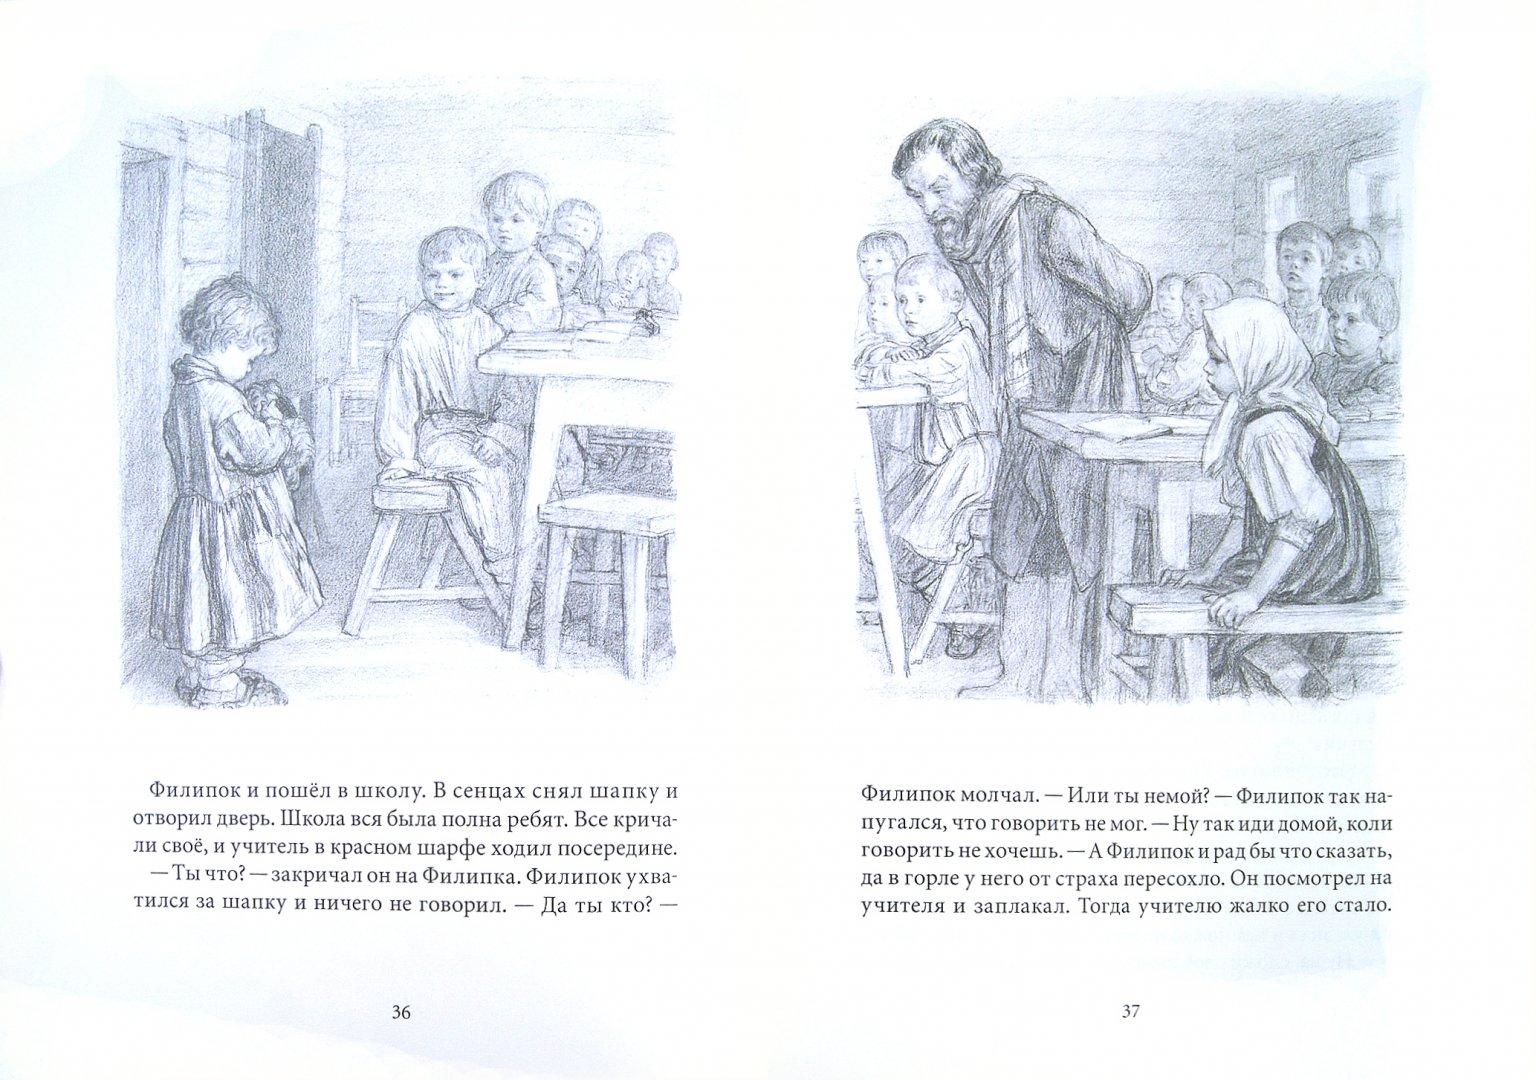 Иллюстрация 1 из 37 для Рассказы для детей - Лев Толстой   Лабиринт - книги. Источник: Лабиринт